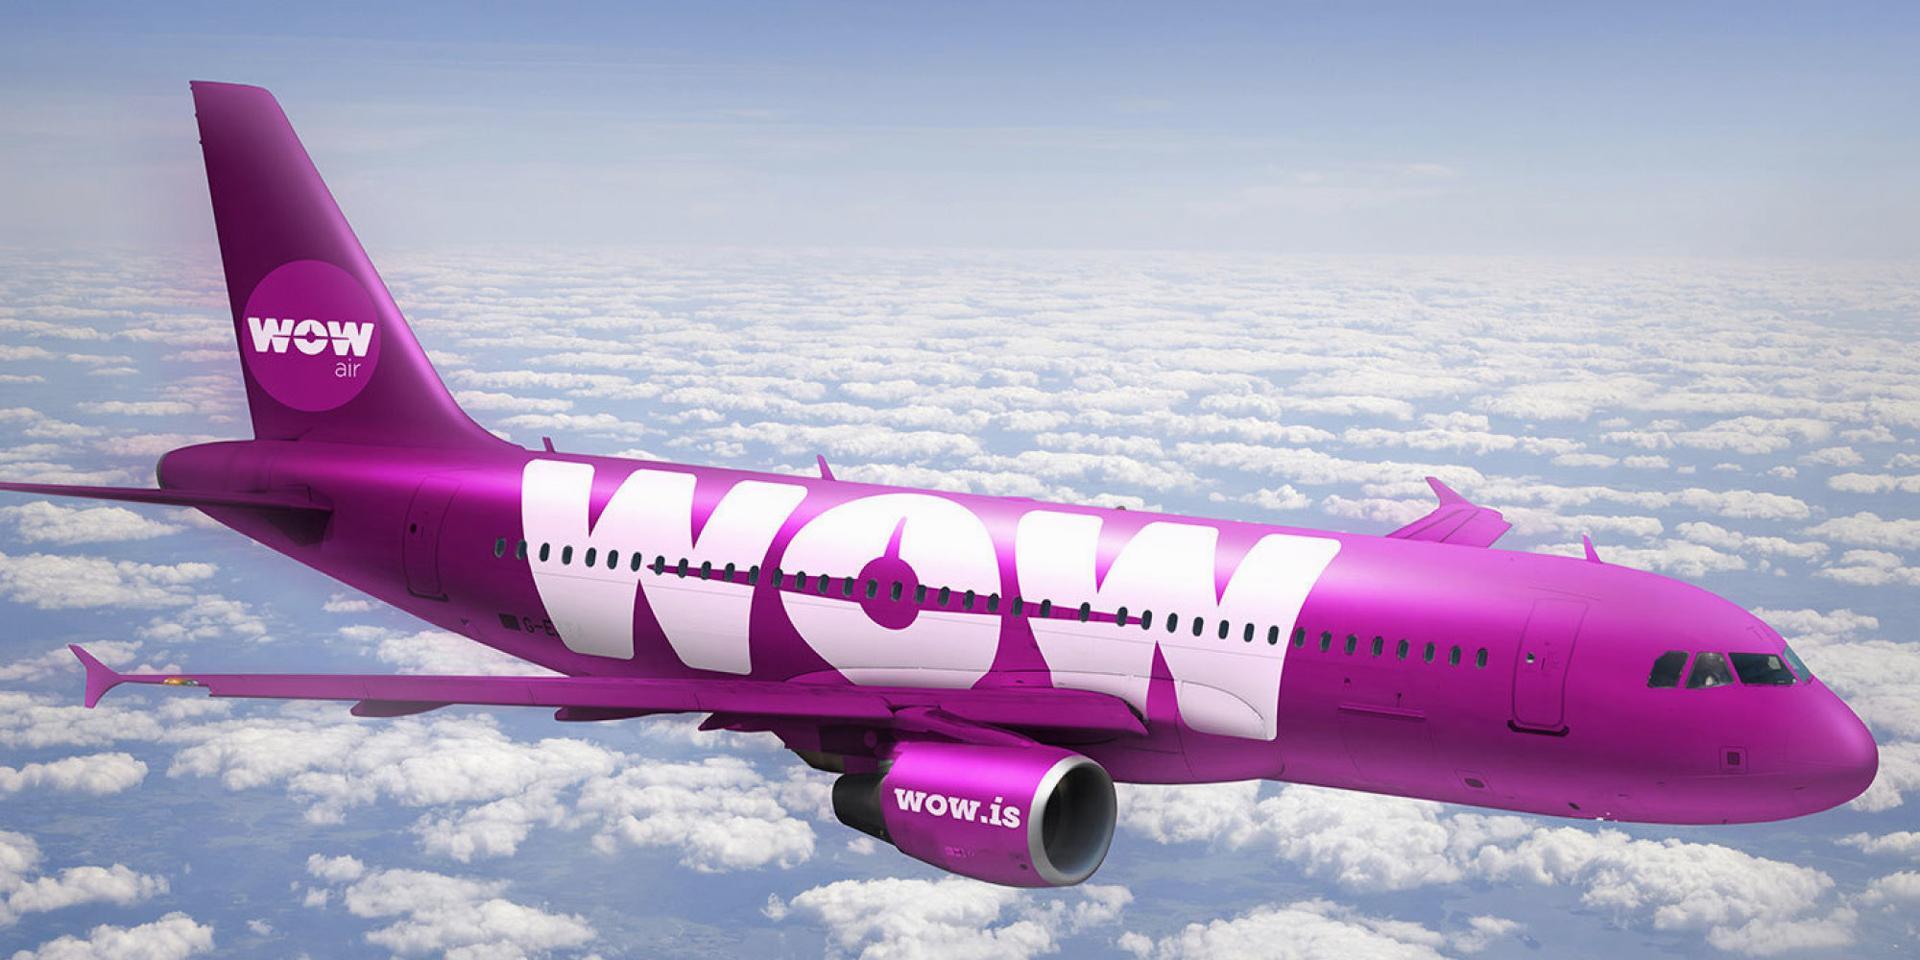 La aerolínea Wow Air dejó de operar: todos sus vuelos cancelados